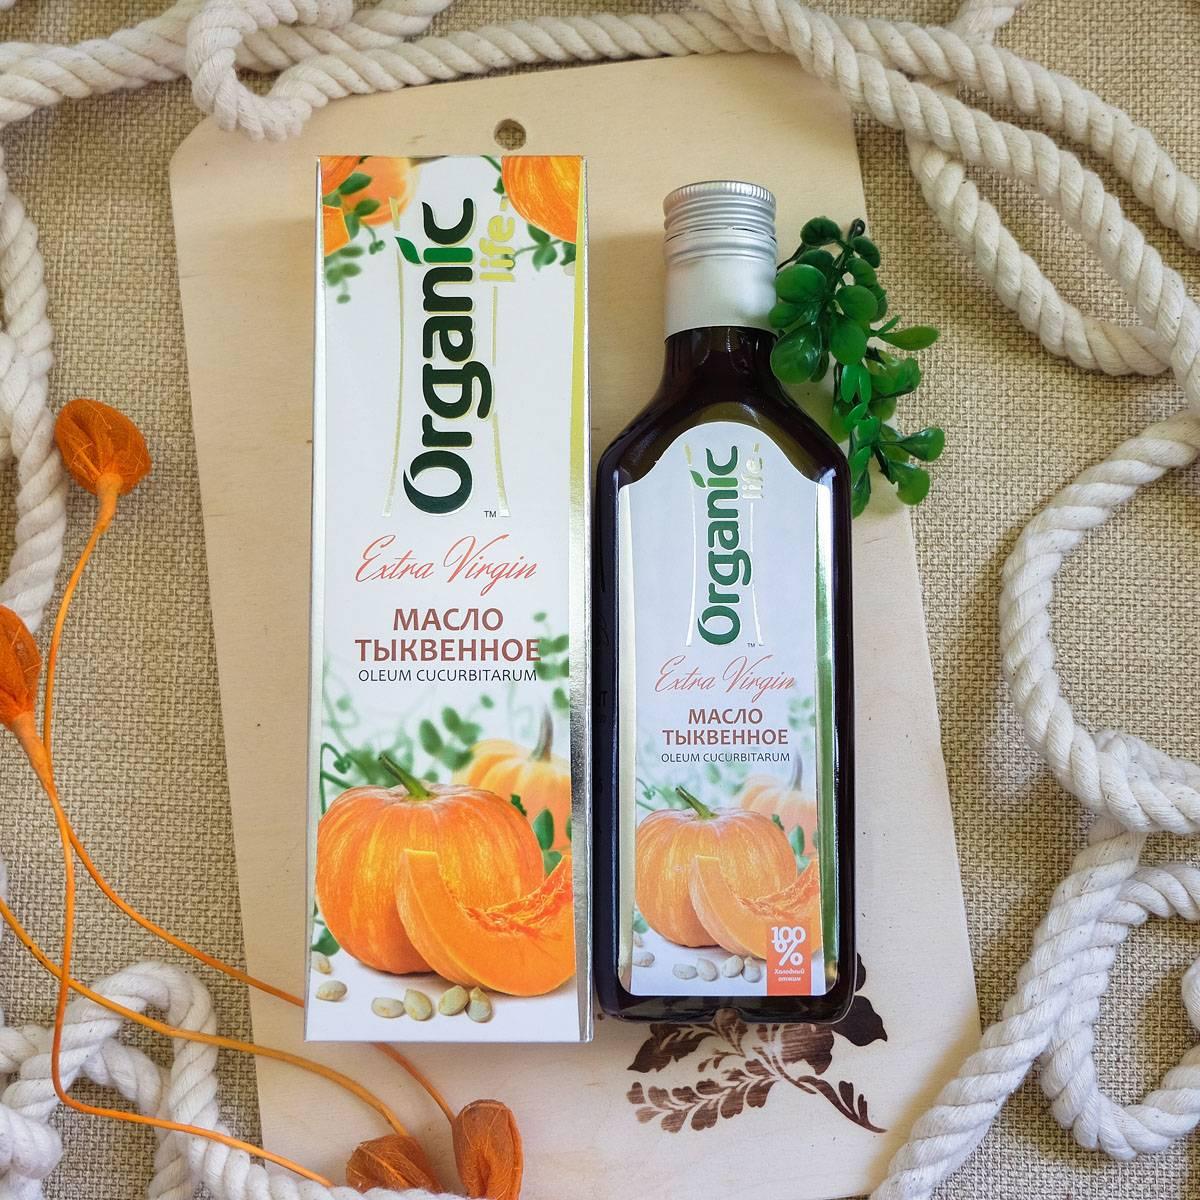 Тыквенное масло: польза и вред, как принимать при различных заболеваниях, лечебные свойства продукта из семян тыквы, способы наружного применения